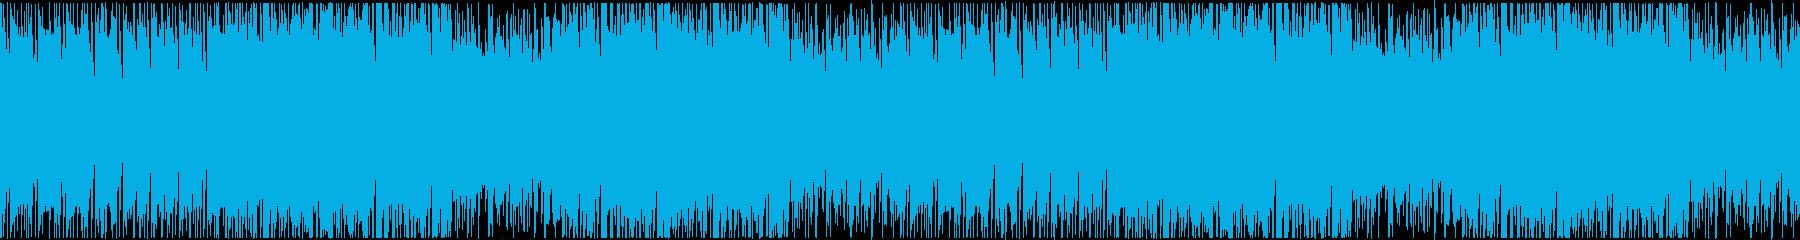 臨場感あふれるシンプルな和太鼓ビートの再生済みの波形